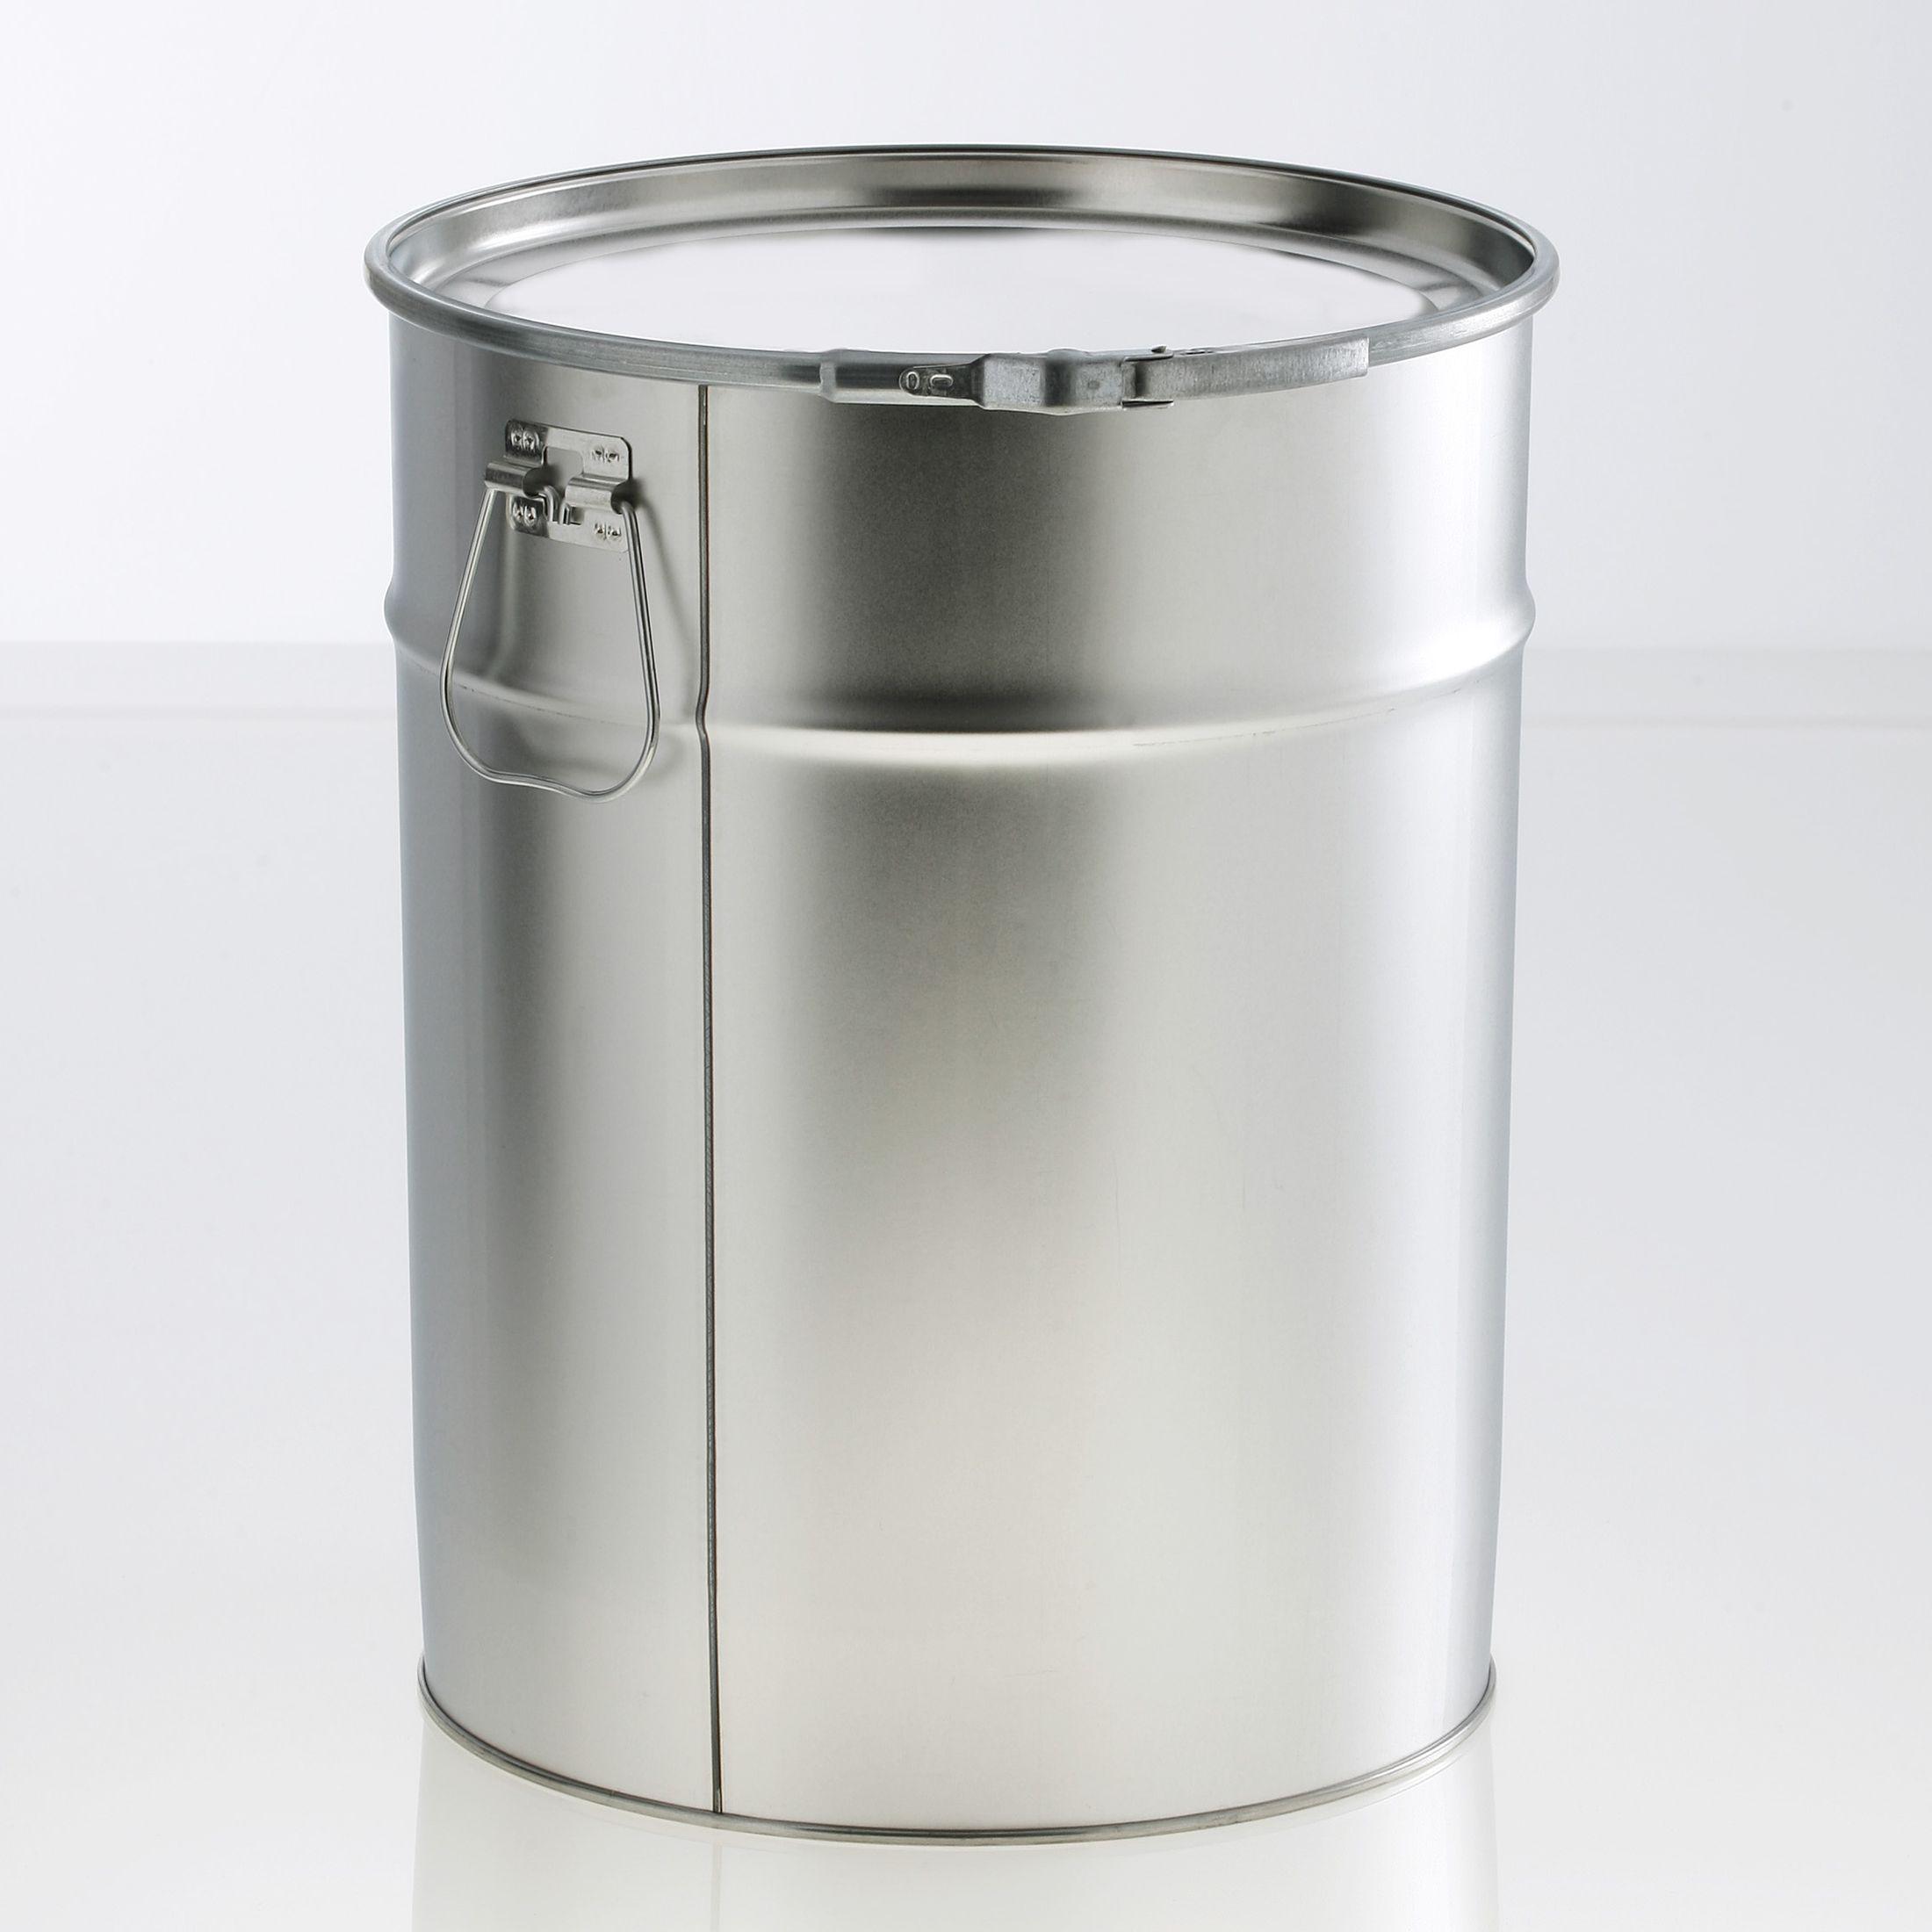 !NEUE AUSFÜHRUNG! Hobbock 30 Liter lebensmittelecht